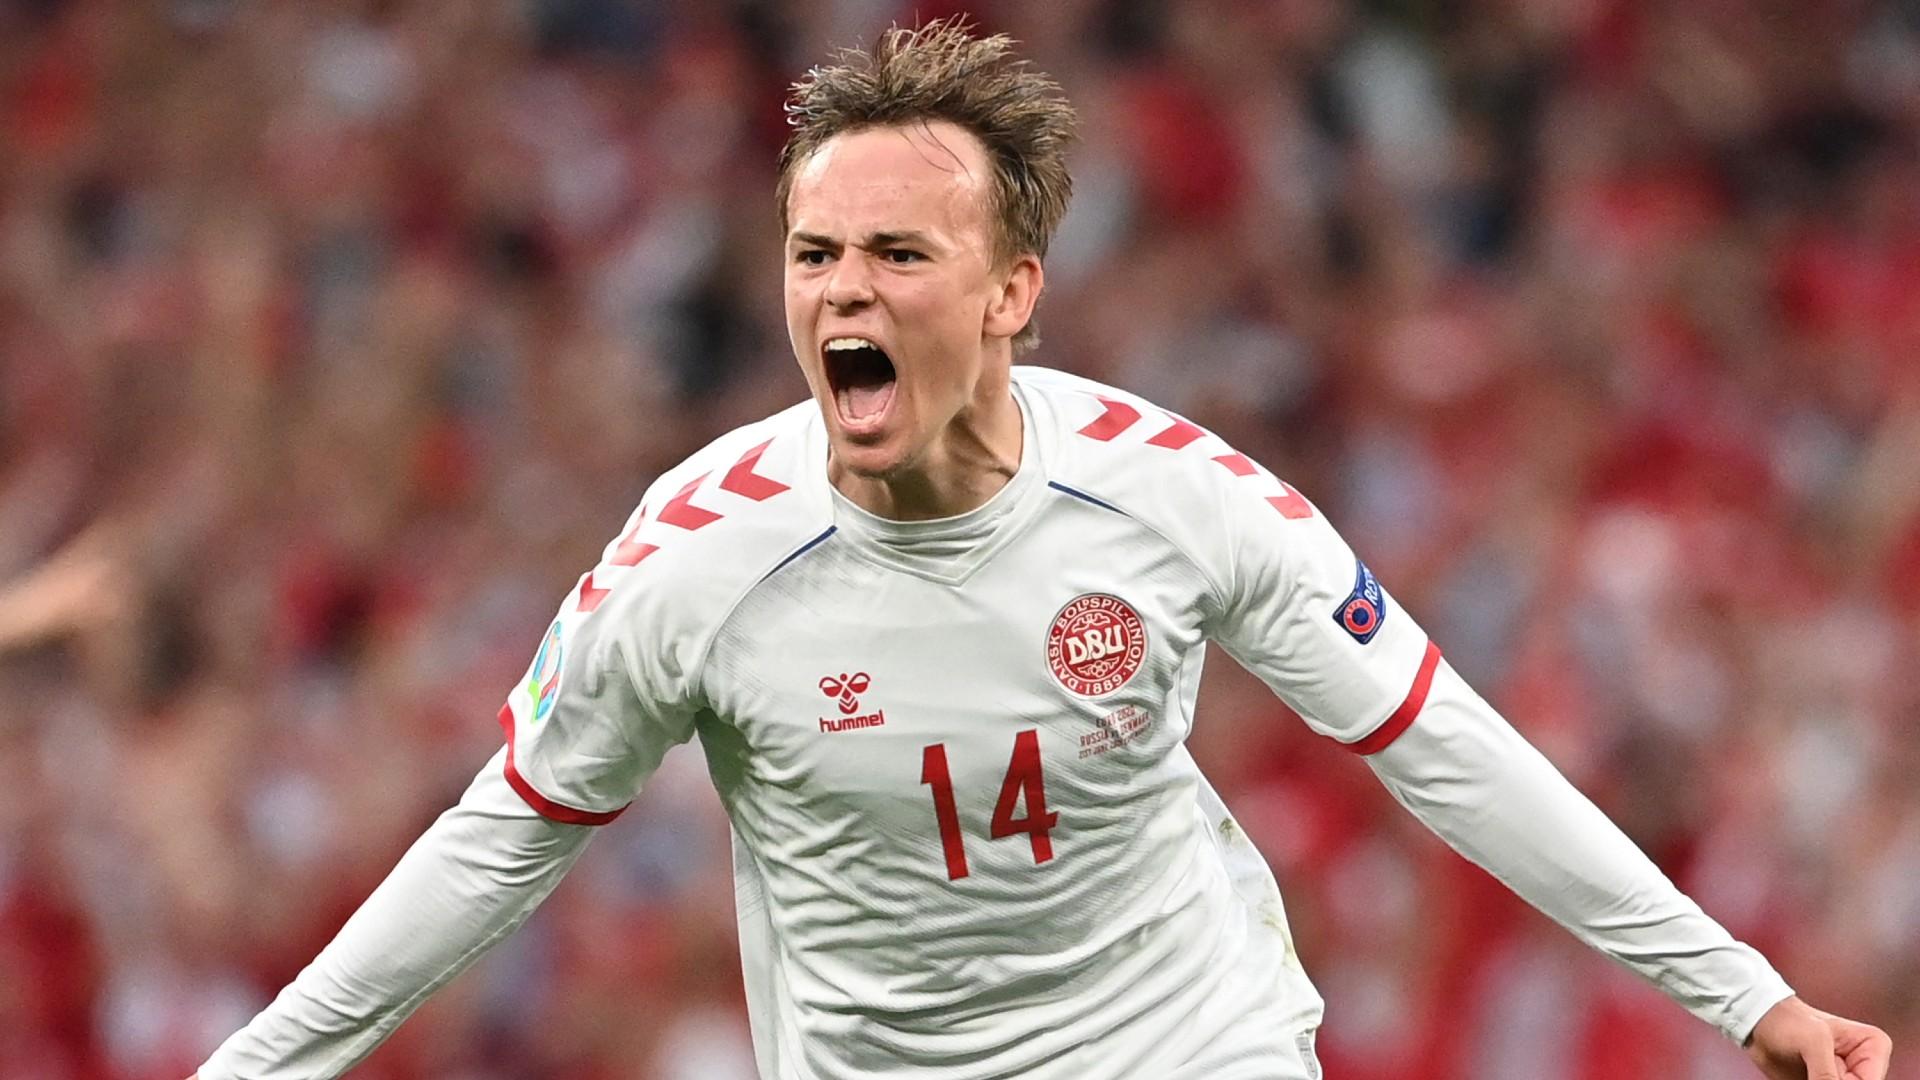 Danish midfielder Mikkel Damsgaard